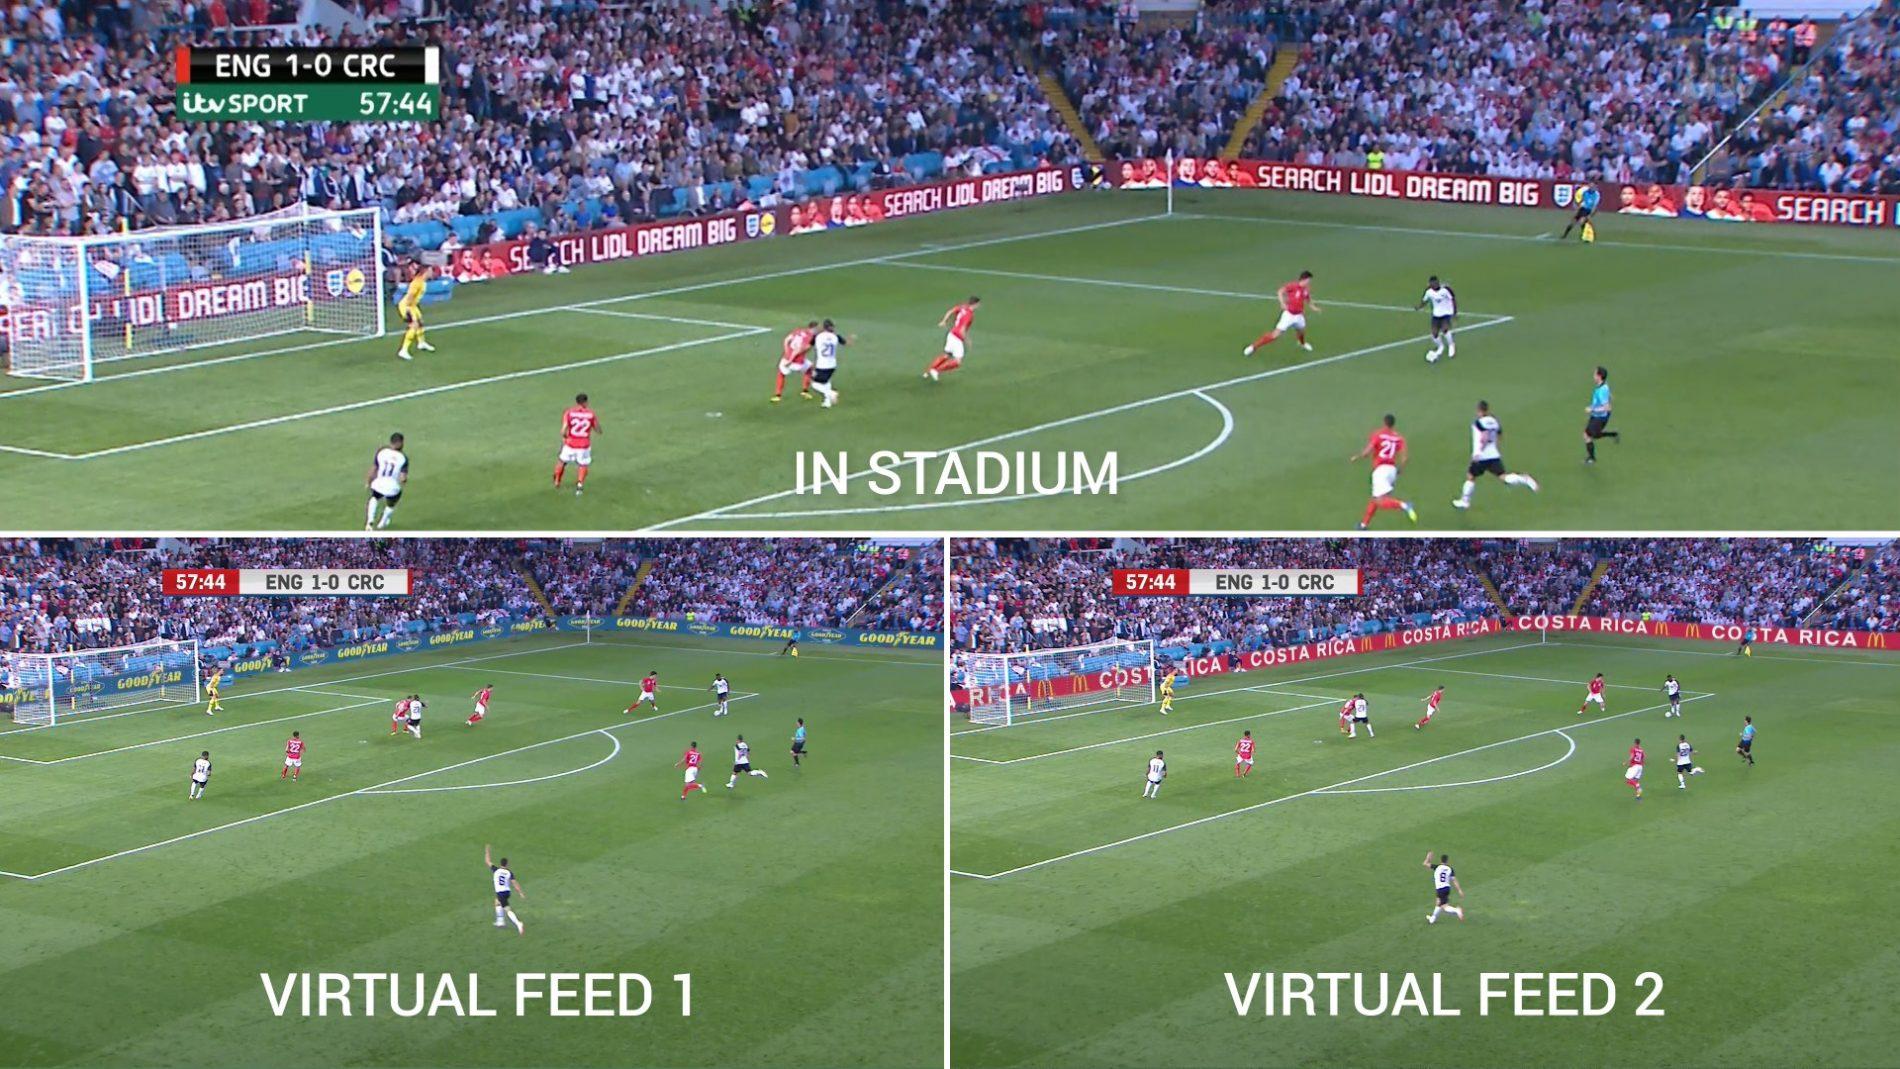 Bí ẩn Euro: Quảng cáo trên sân khác biệt khi xem các kênh khác nhau? marketingreview,vn 1